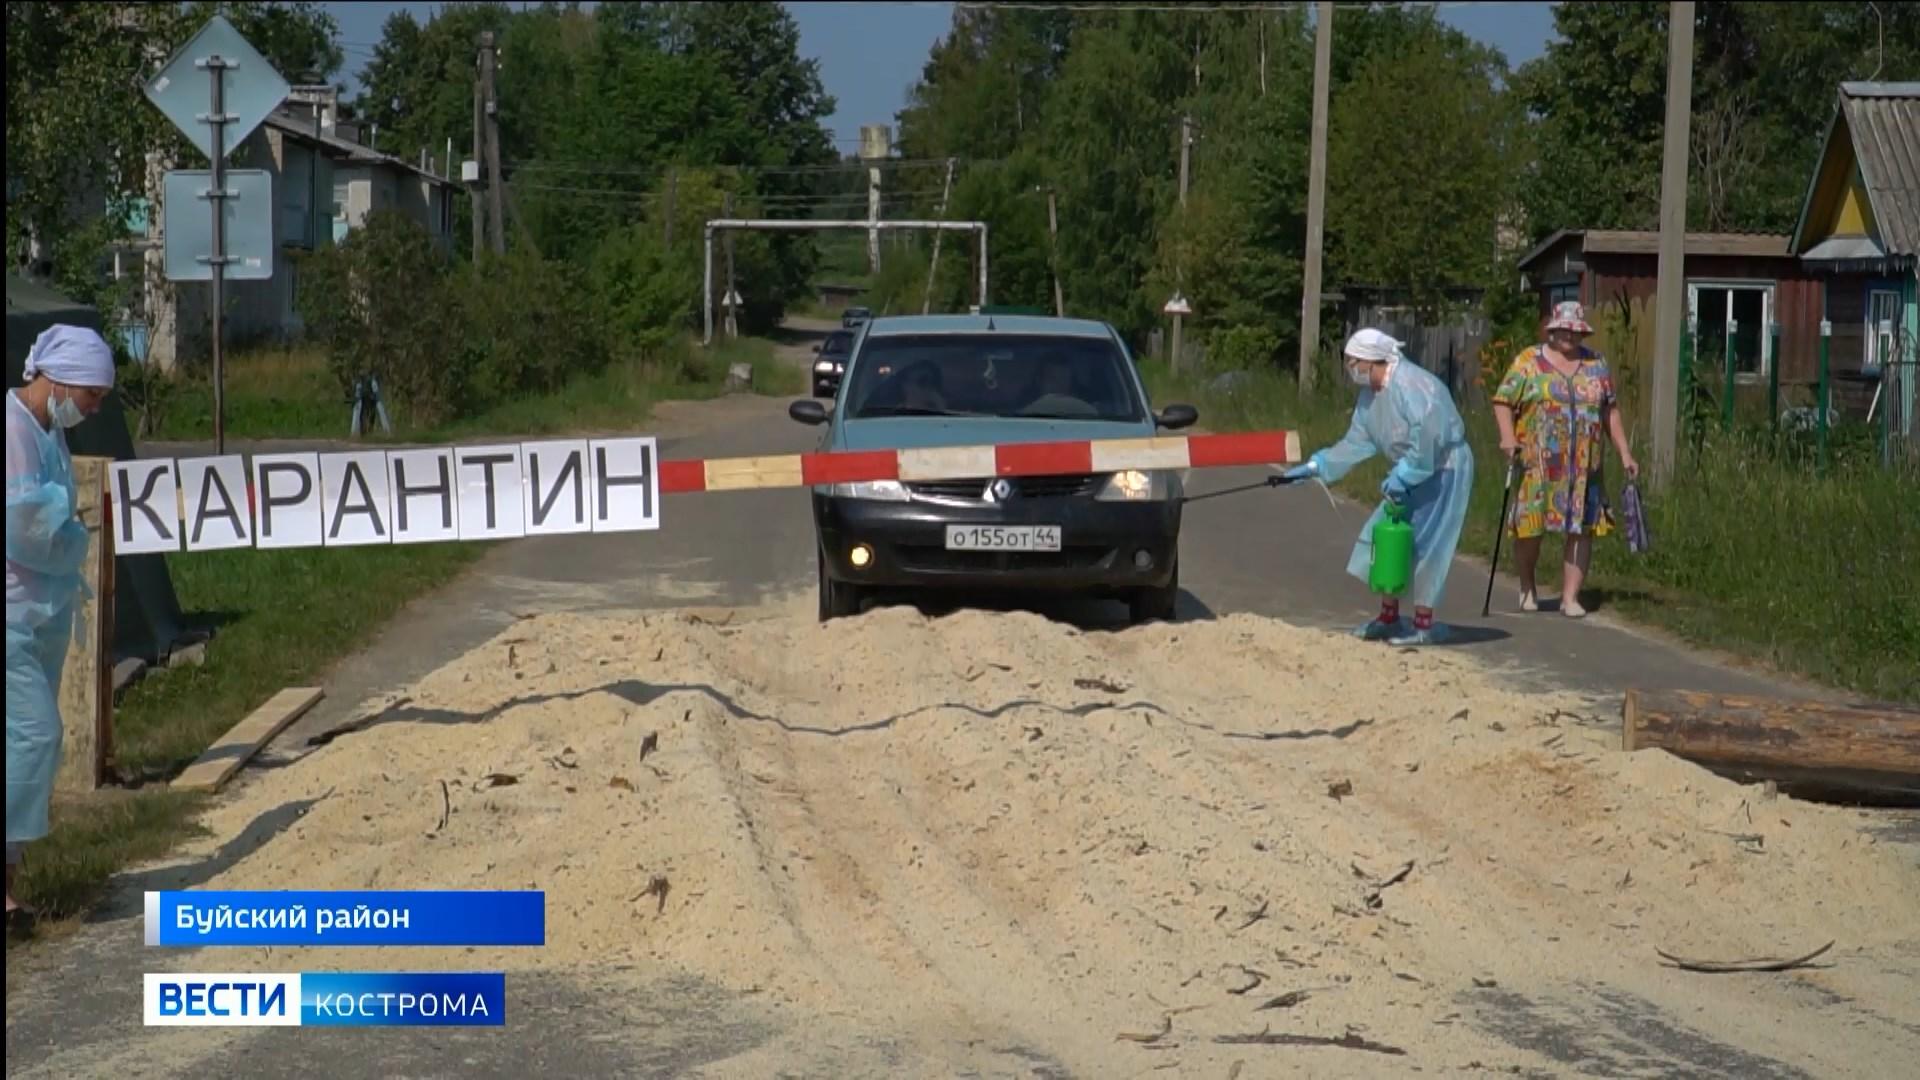 В четырех населенных пунктах Костромской области действует карантин из-за болезней животных